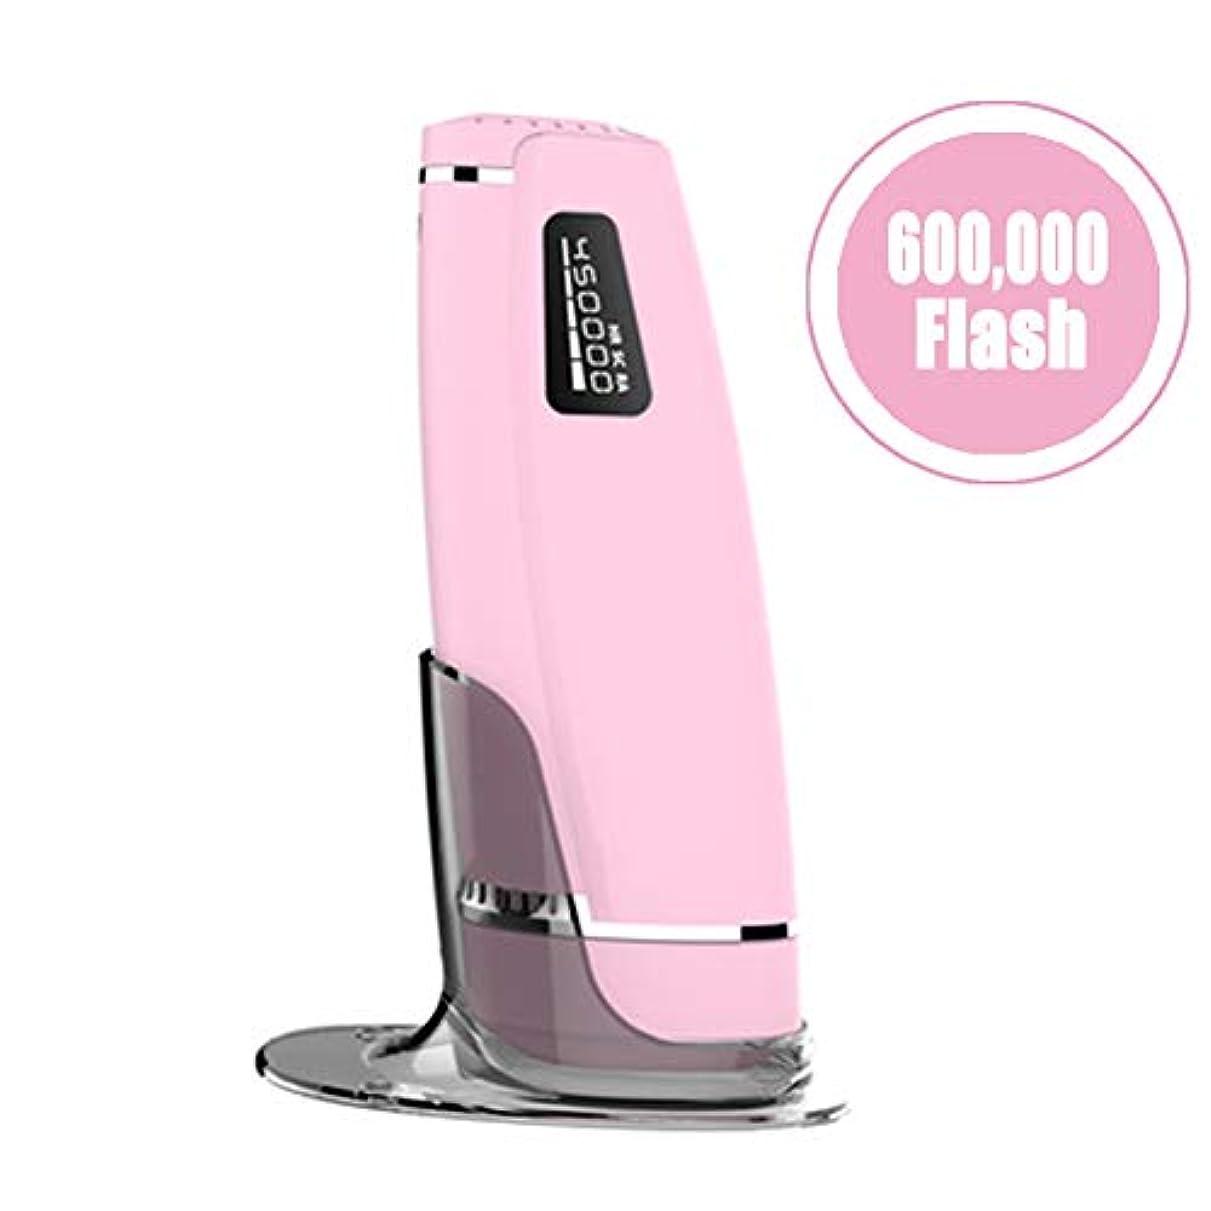 ユーザー和らげる文献アップグレードIPLレーザー脱毛システムデバイス、60万回のフラッシュ無痛常設パルス光脱毛器にとってボディフェイス脇の下ビキニライン,Pink